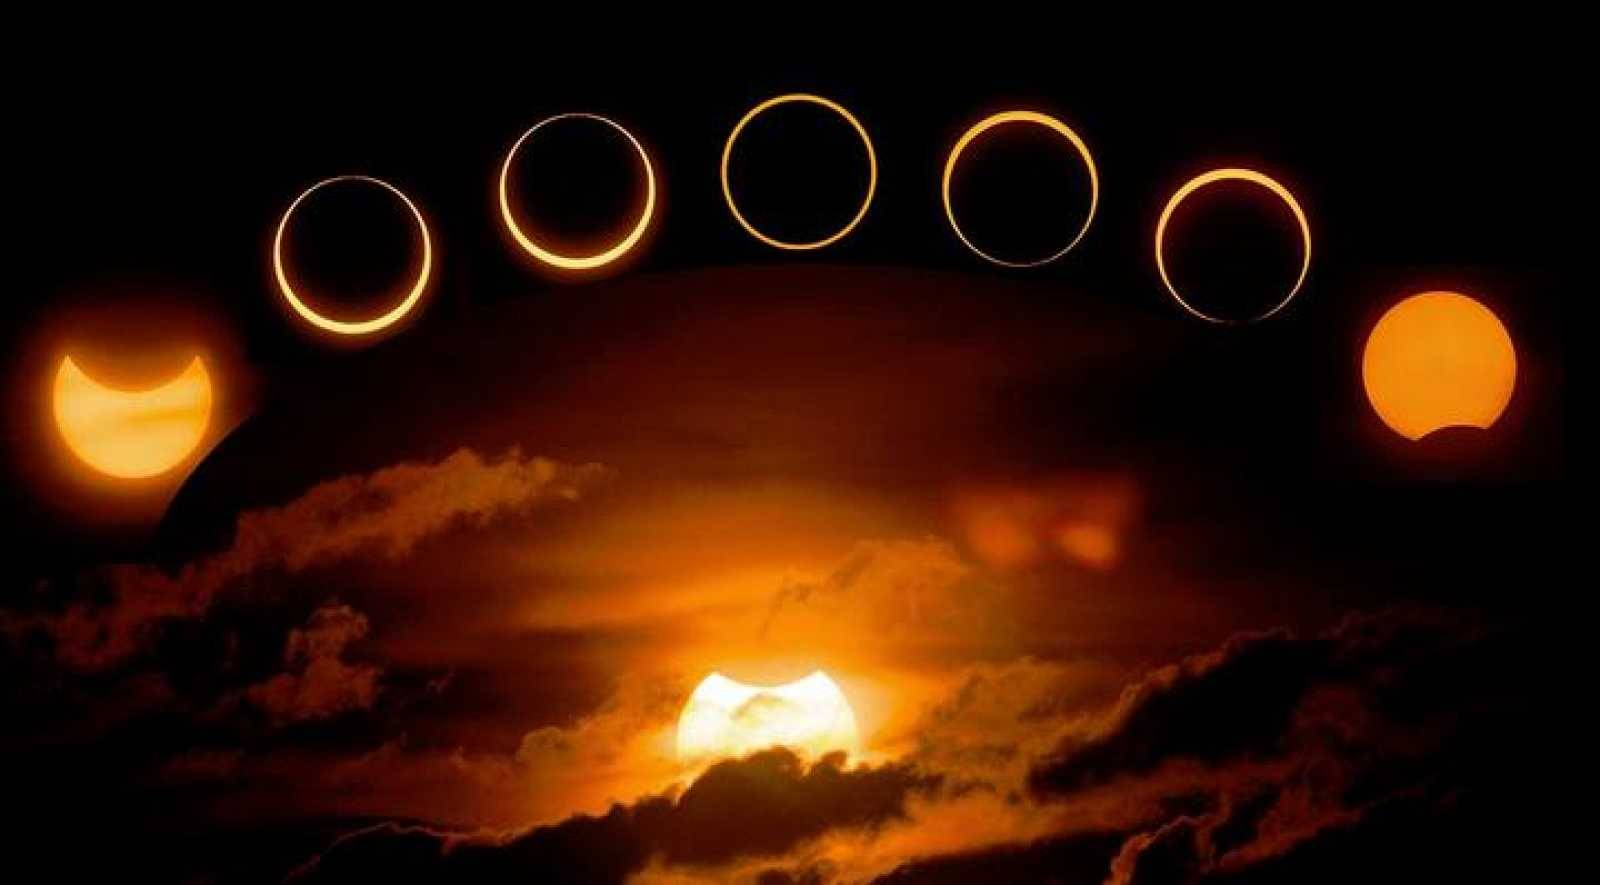 El 2020 impactará al mundo con seis eclipses